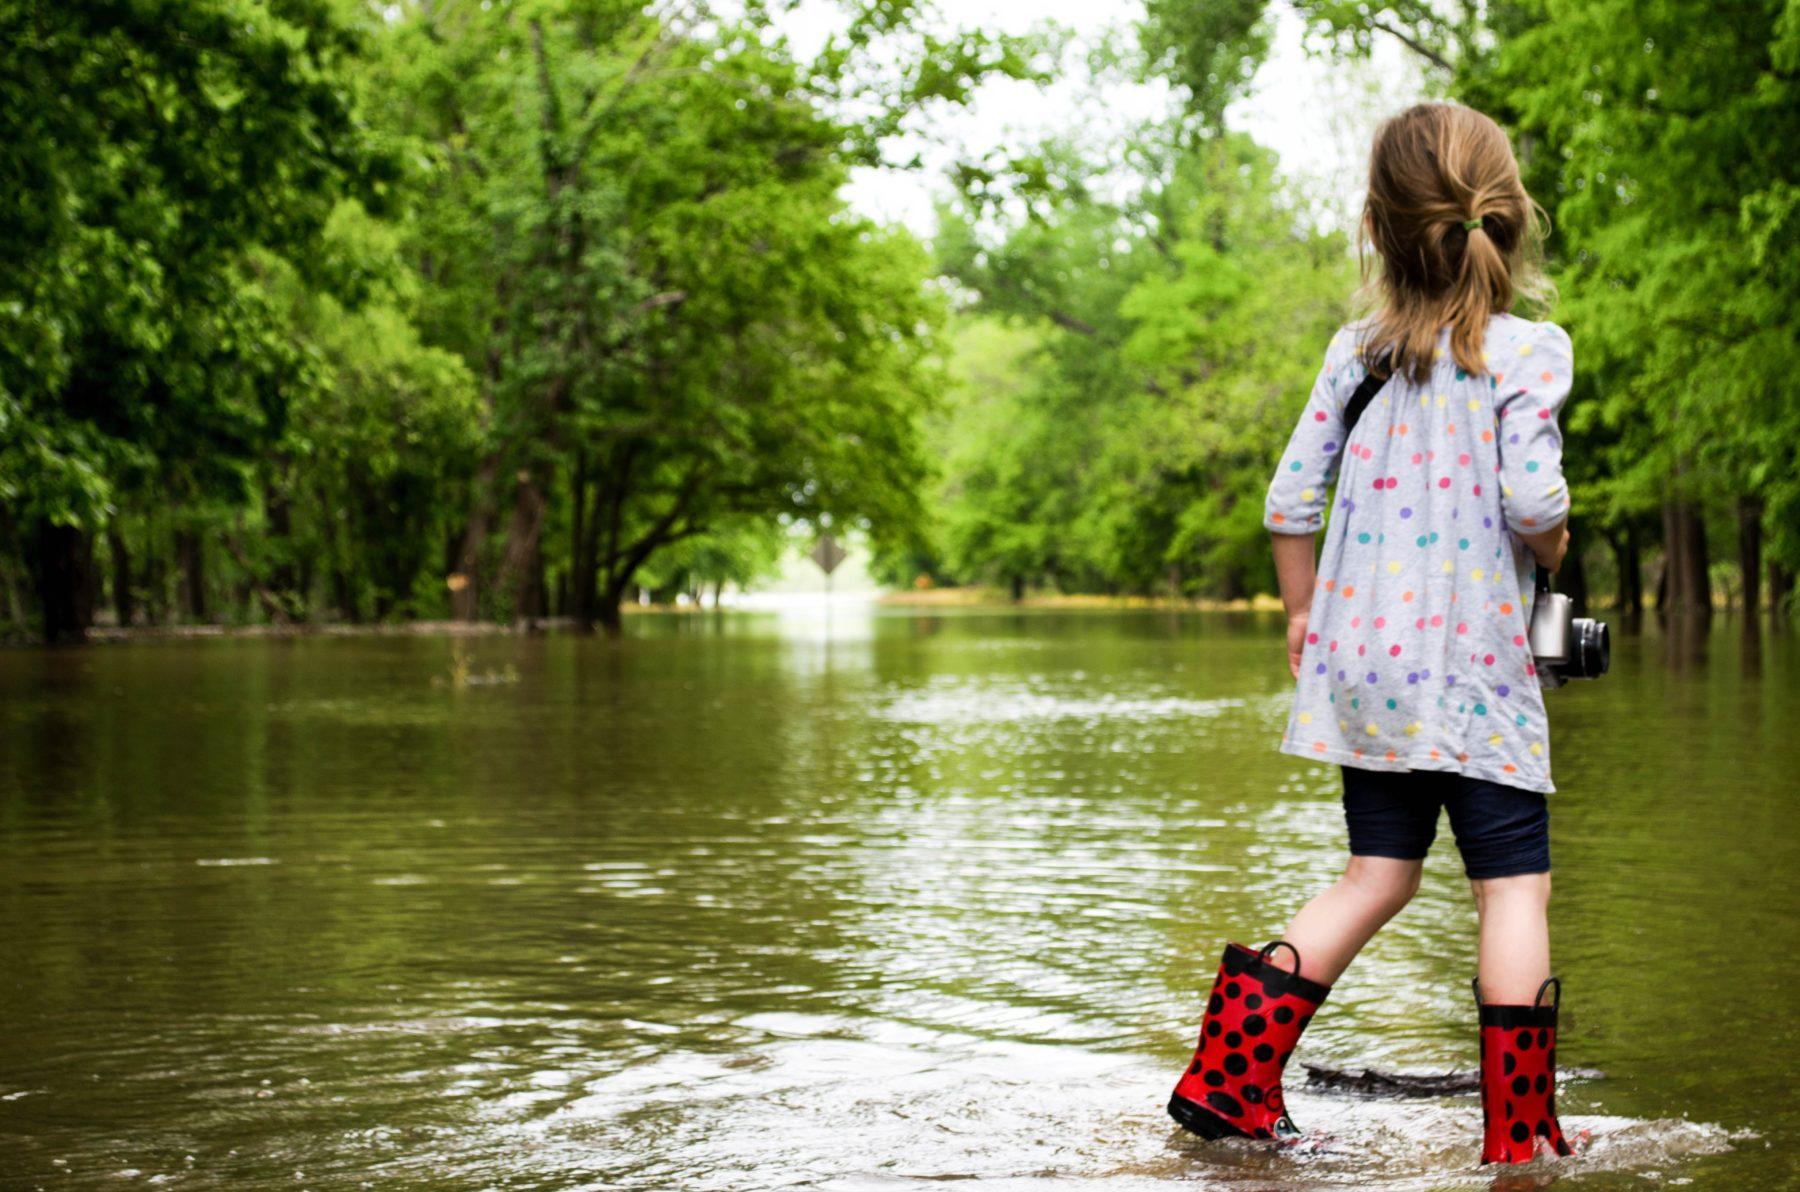 Flood Victim